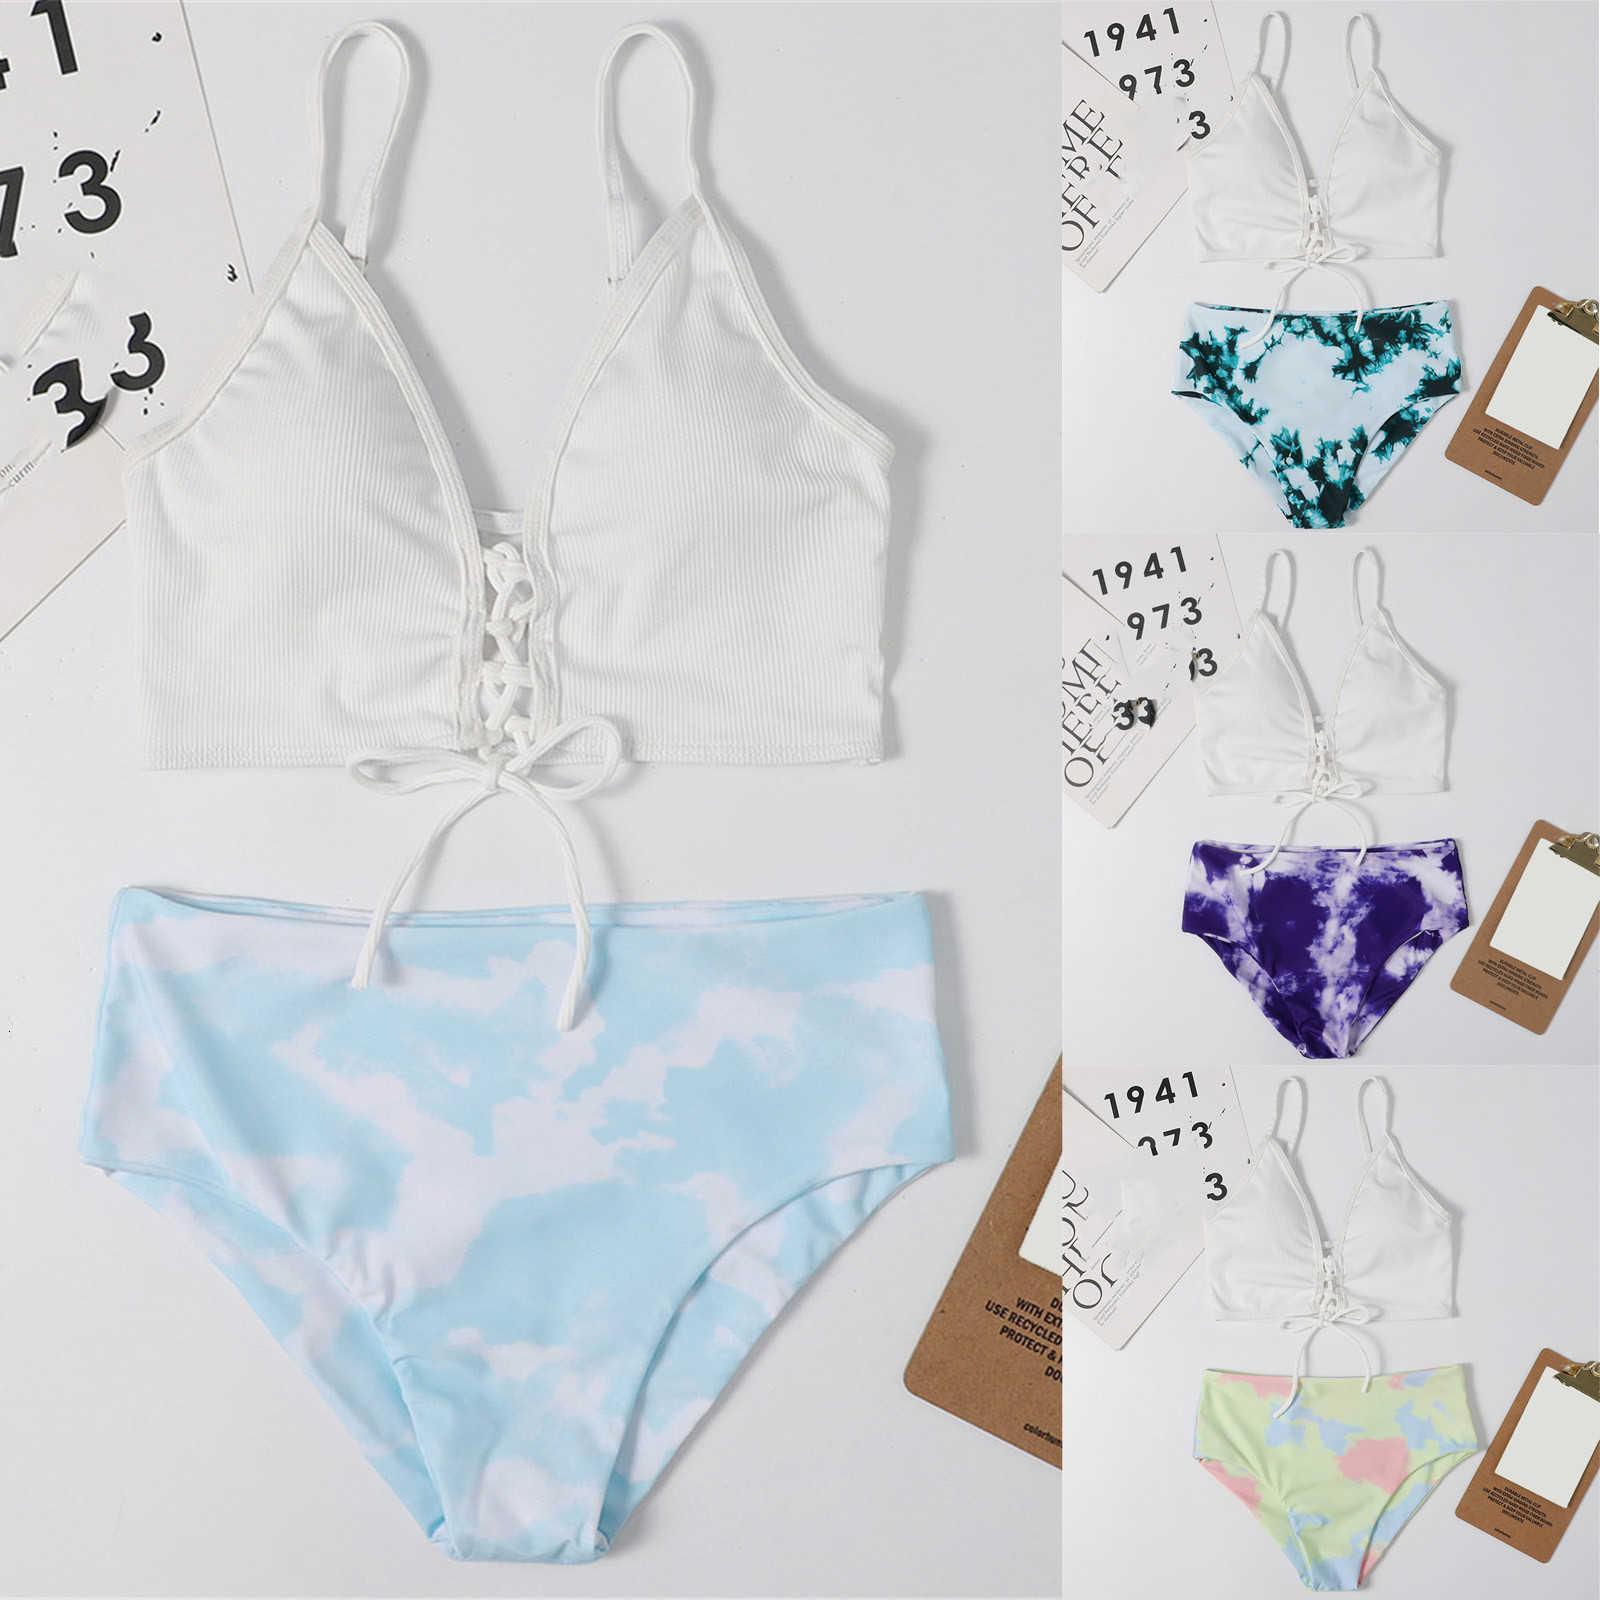 Mulher natação terno sexy biquini 2021 vintage swimwear mulheres push-up acolchoado Bra praia dois pedaços biquini conjunto de maiô